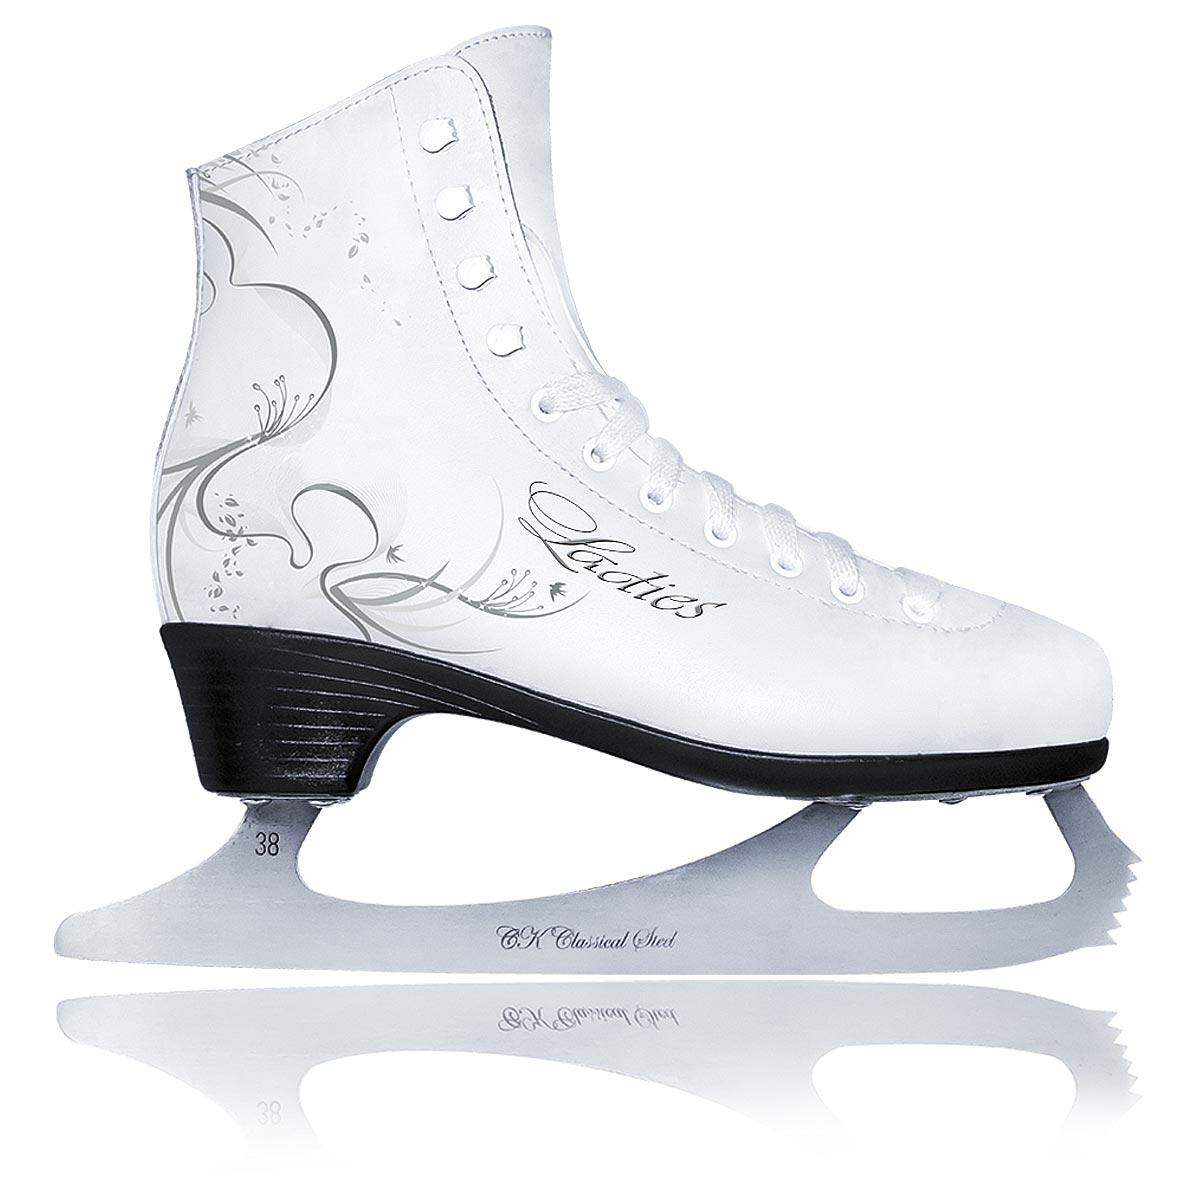 Коньки фигурные женские СК Ladies Lux Leather, цвет: белый. Размер 40LADIES LUX leather_белый_40